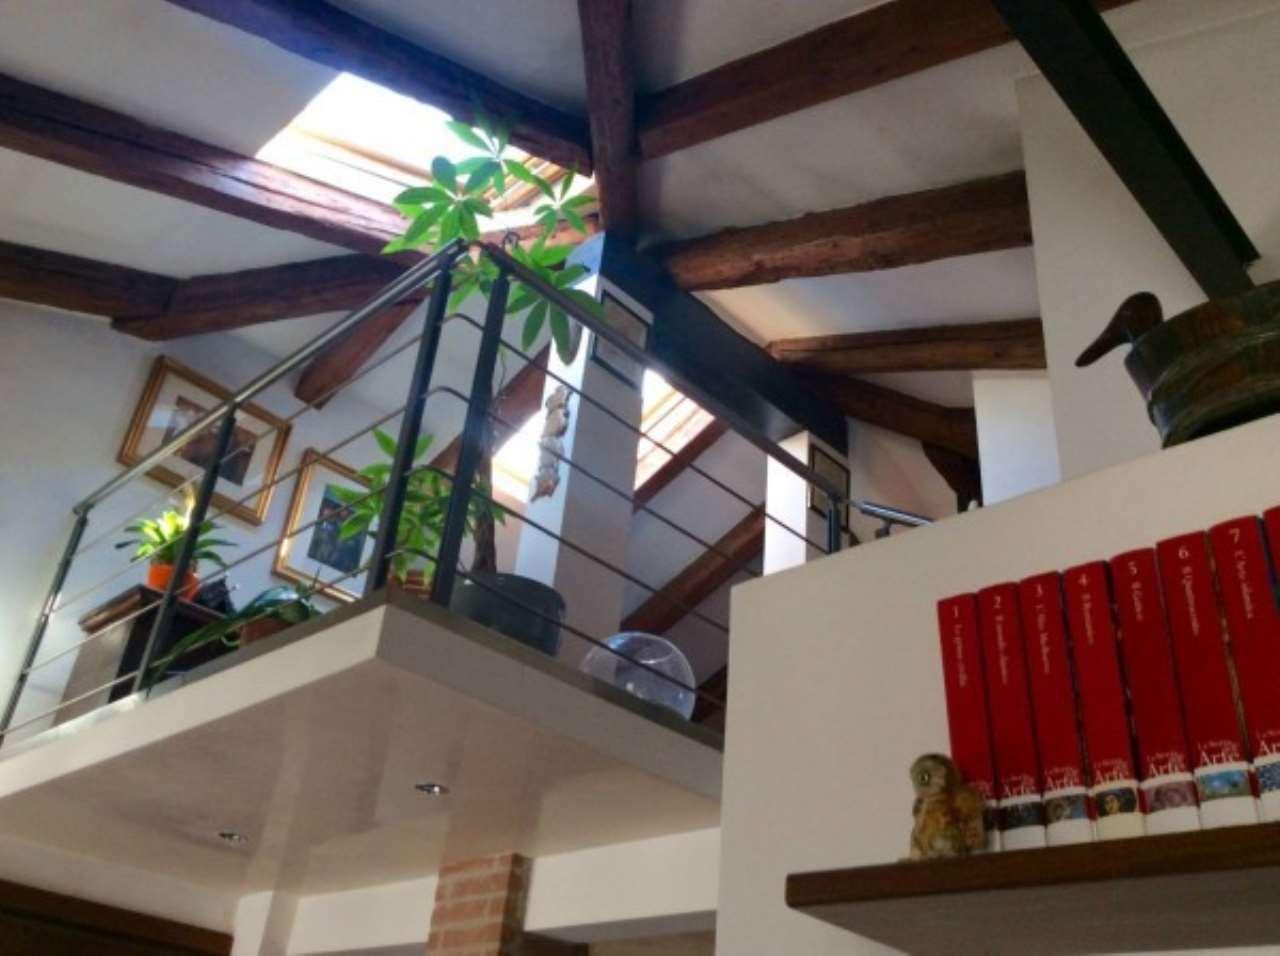 Attico / Mansarda in vendita a Venezia, 4 locali, zona Zona: 11 . Mestre, prezzo € 295.000 | Cambio Casa.it